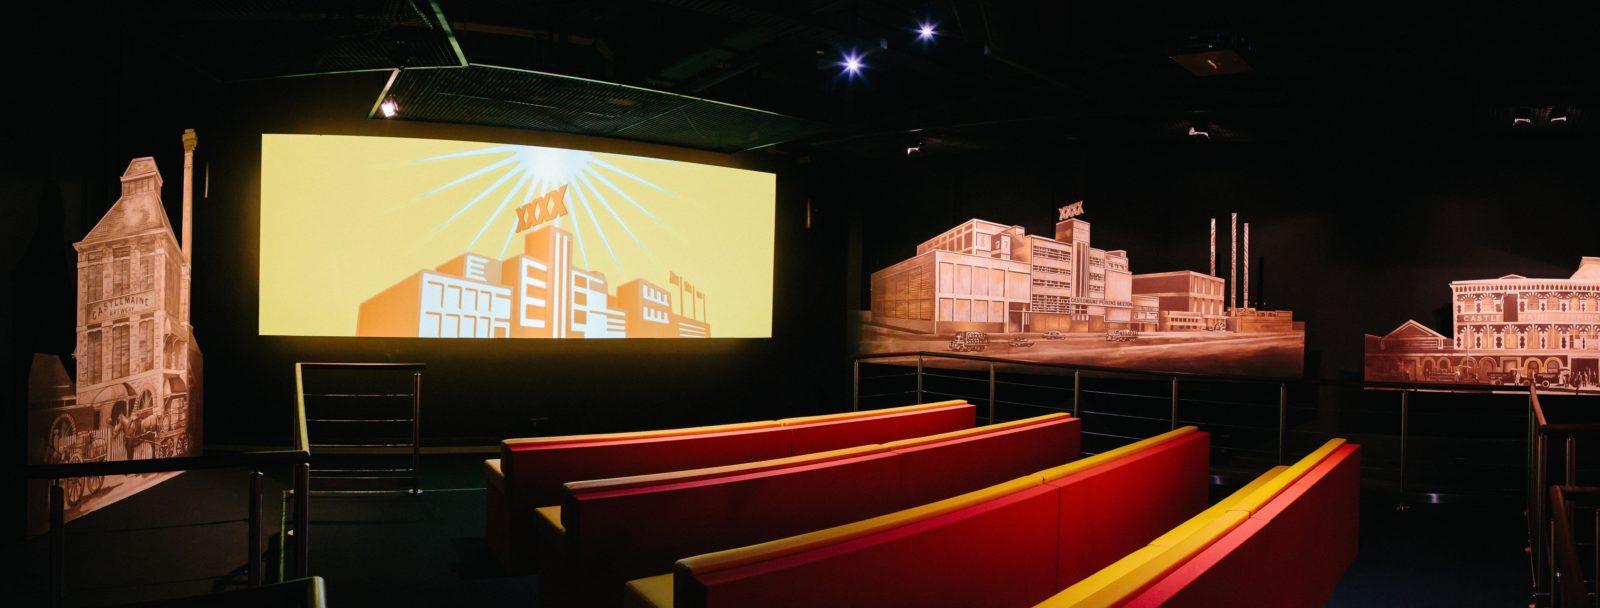 Cinema Movie XXXX